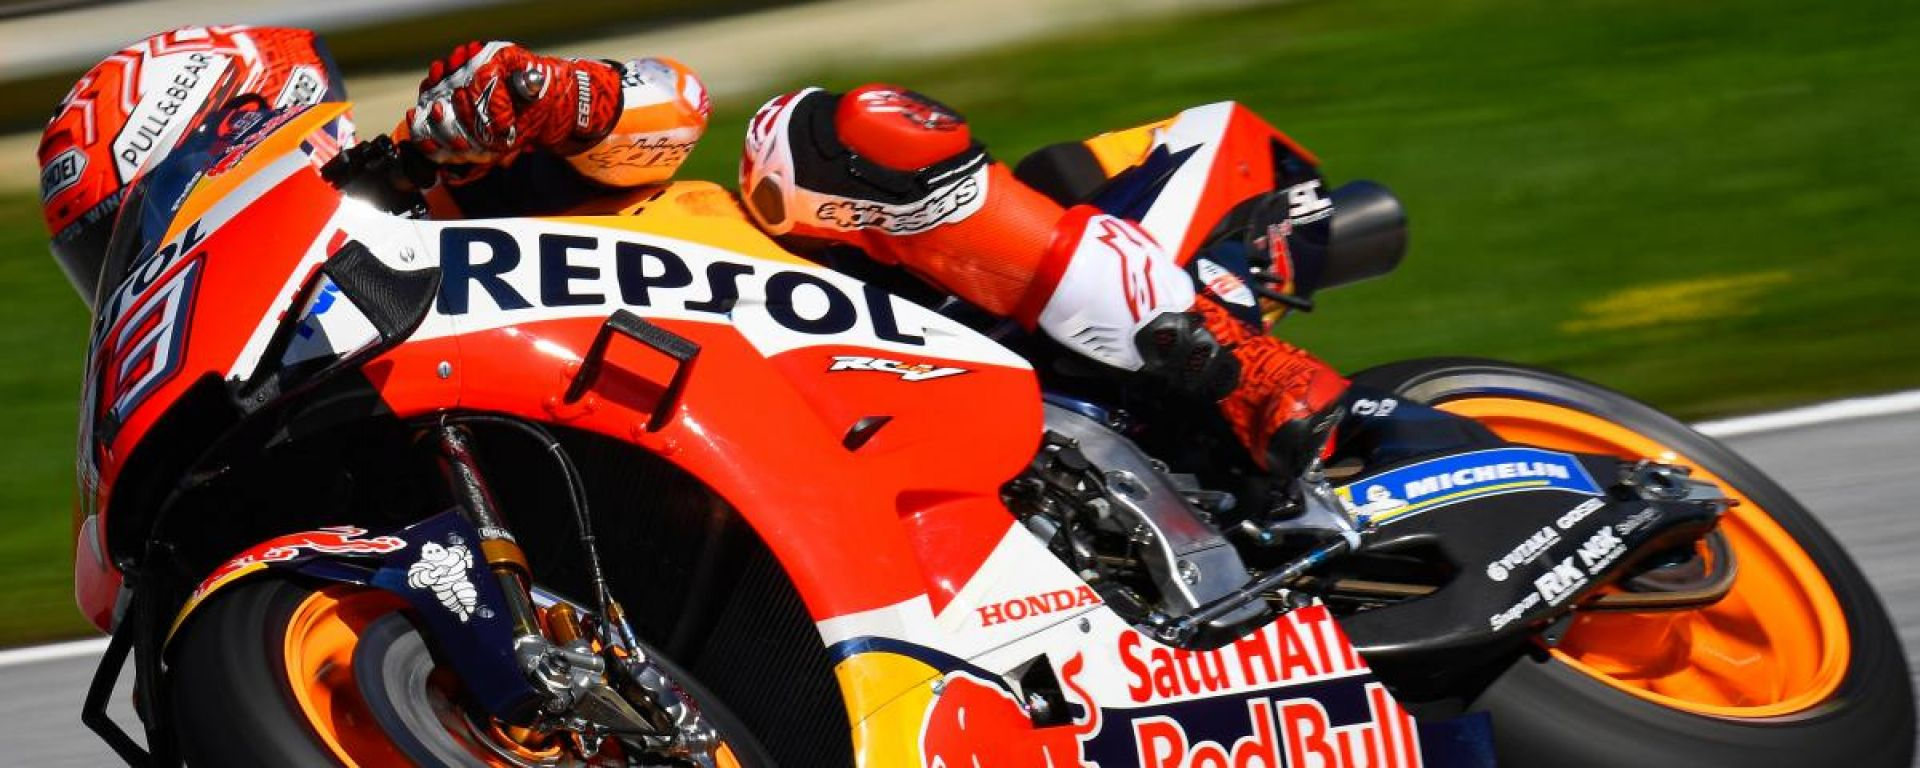 MotoGP Austria 2019, Spielberg: Marc Marquez (Honda) sul tracciato